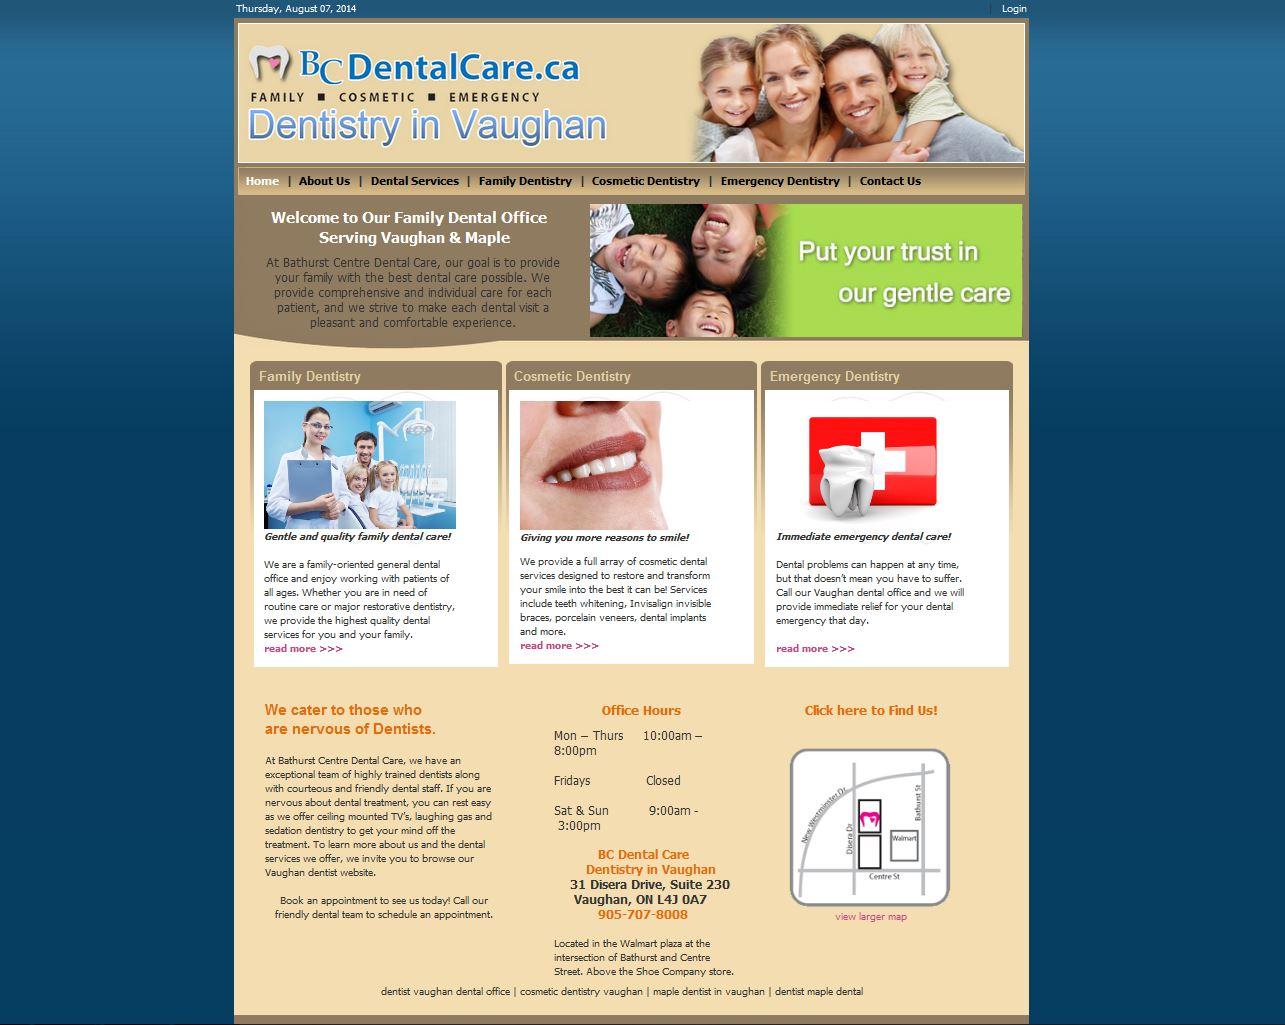 Dentistry Vaughan